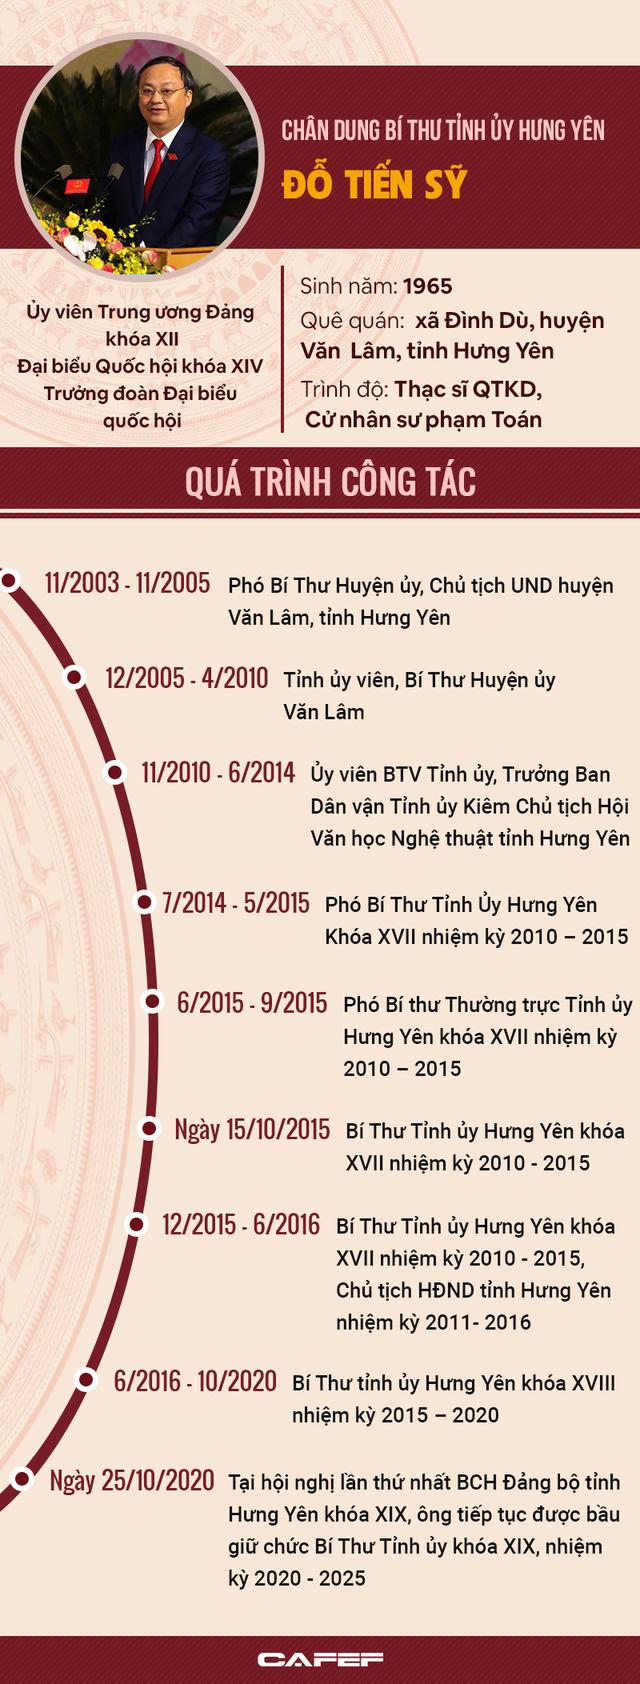 Infographic: Chân dung Bí thư Tỉnh ủy Hưng Yên Đỗ Tiến Sỹ - Ảnh 1.